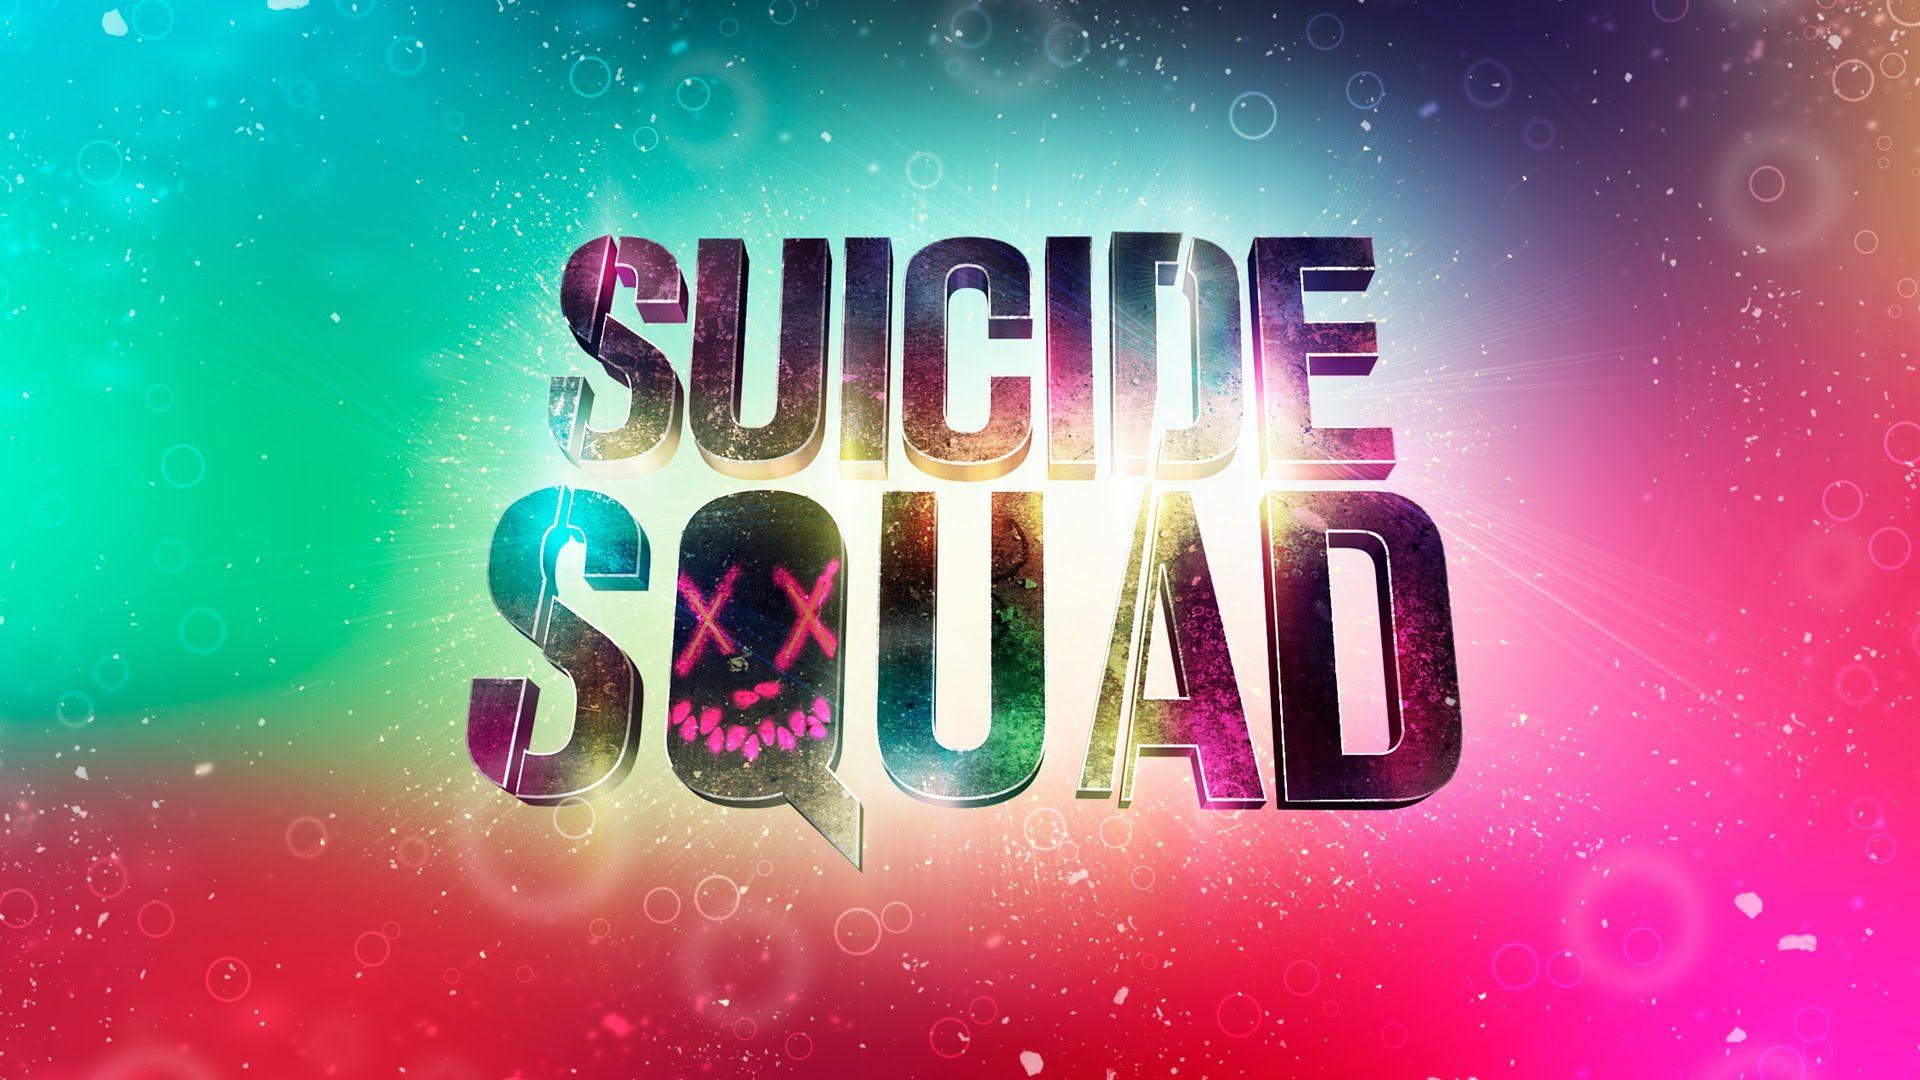 Suicide squad 3d text effect photoshop cc httptutorials411 suicide squad 3d text effect photoshop cc httptutorials411 baditri Image collections